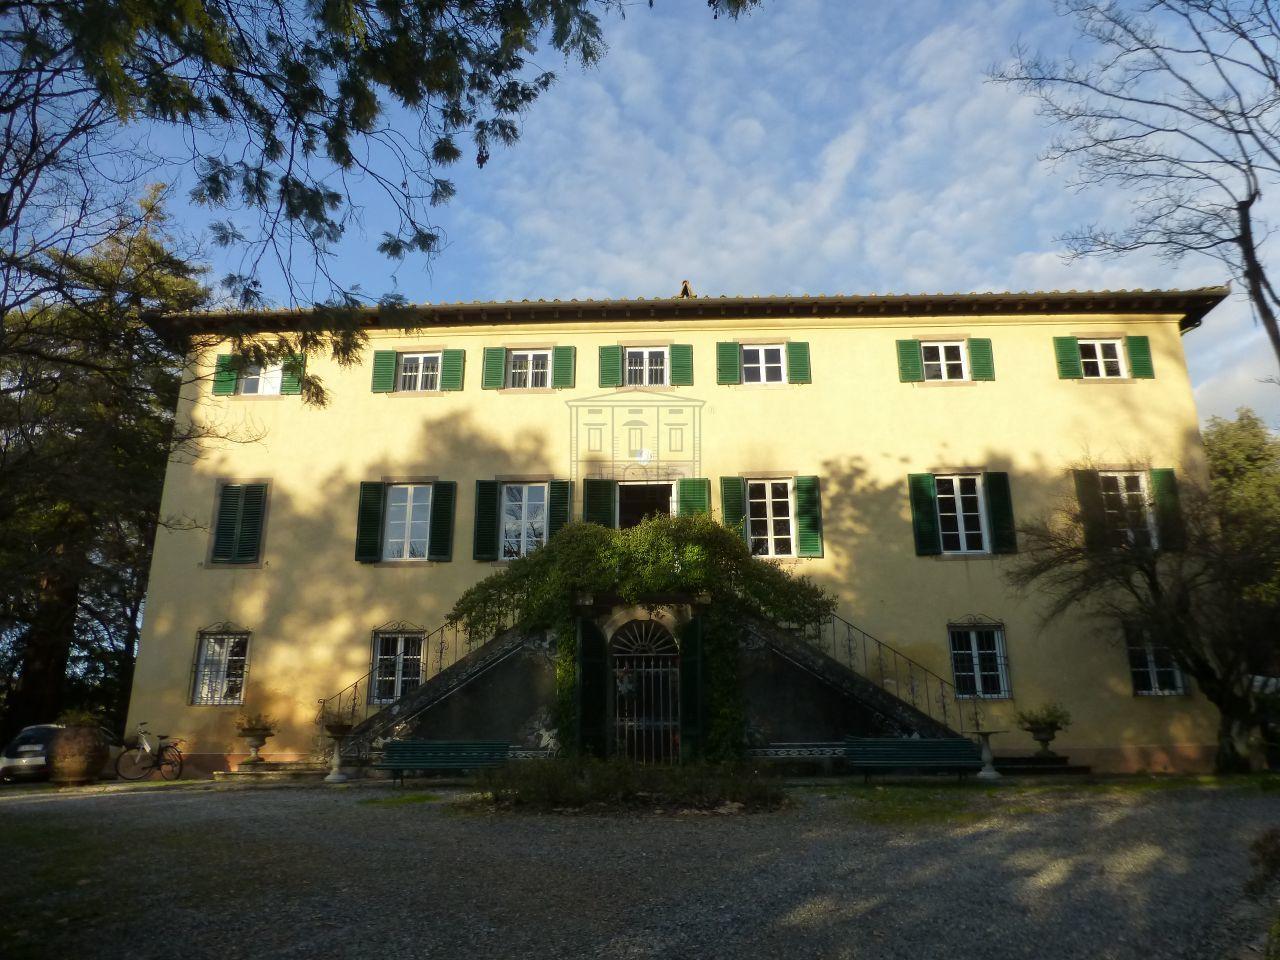 Villa antica in vendita a lucca (3).JPG